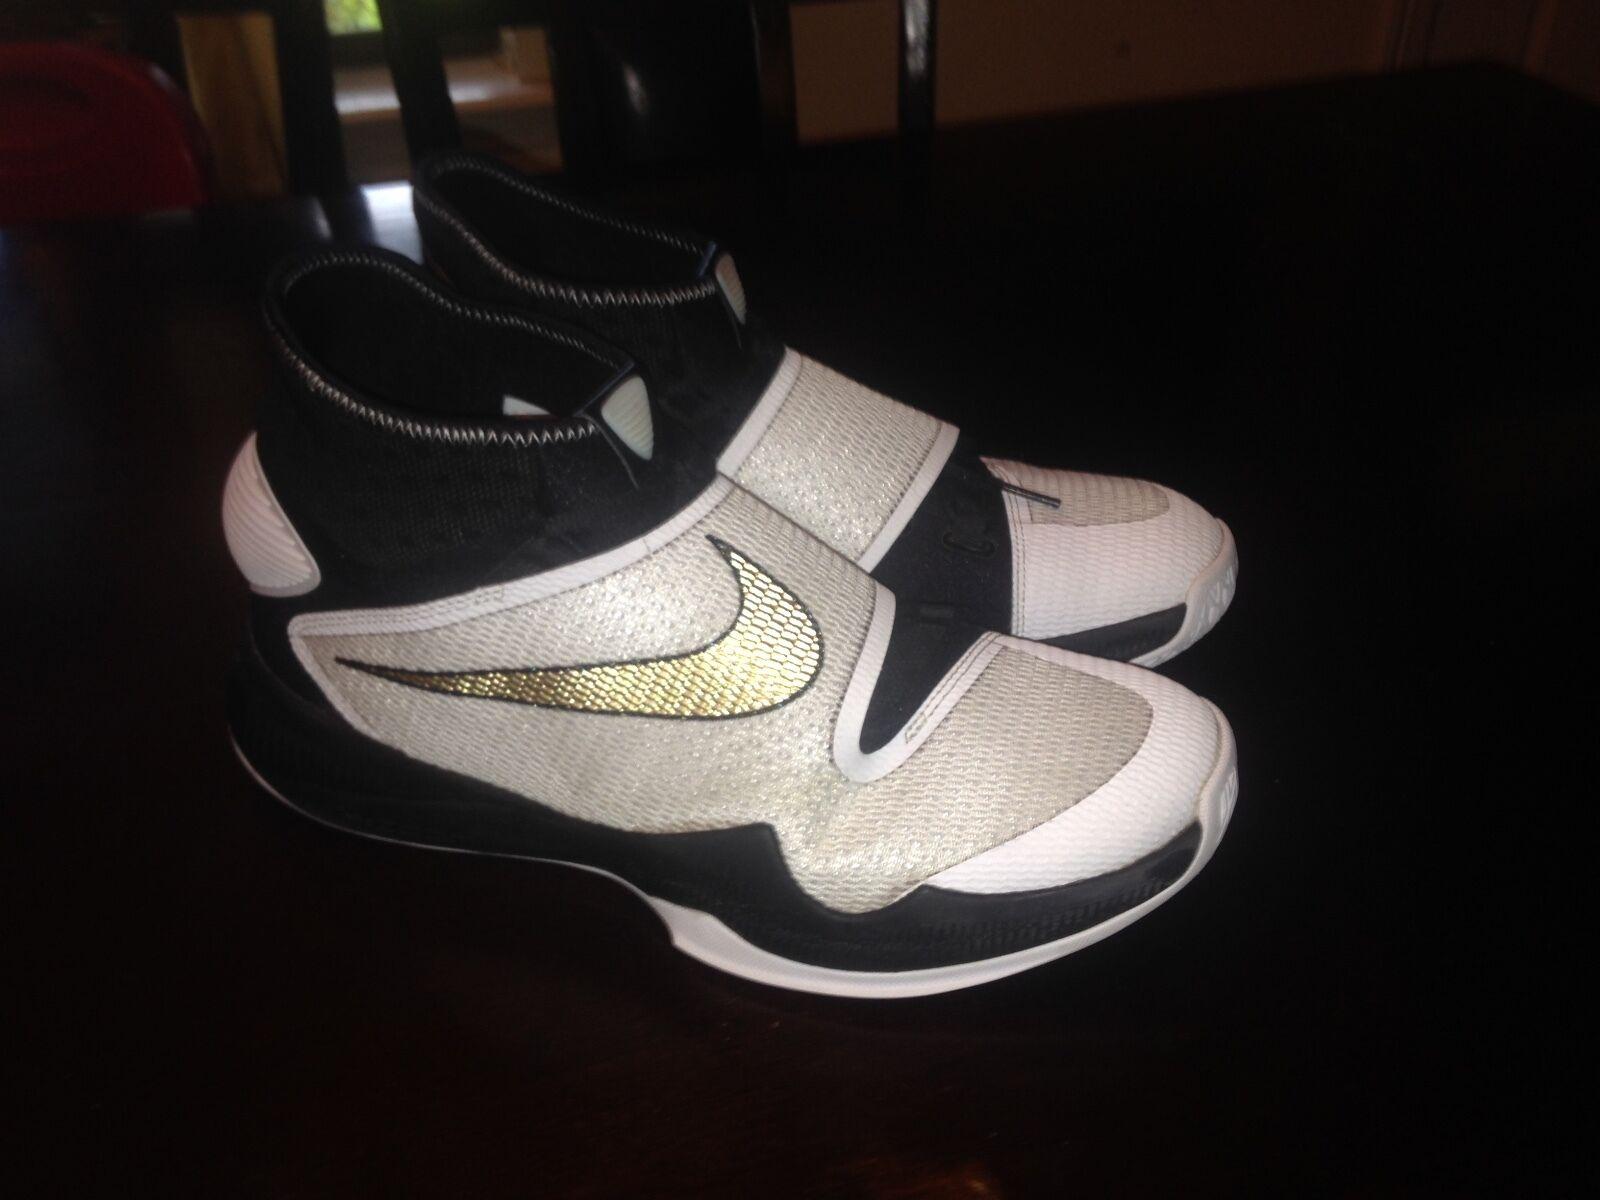 Nike Nike Nike Zoom HyperRev 2016 Basketball Shoes Black White Gold 820224-071 Men's 11 d73f36